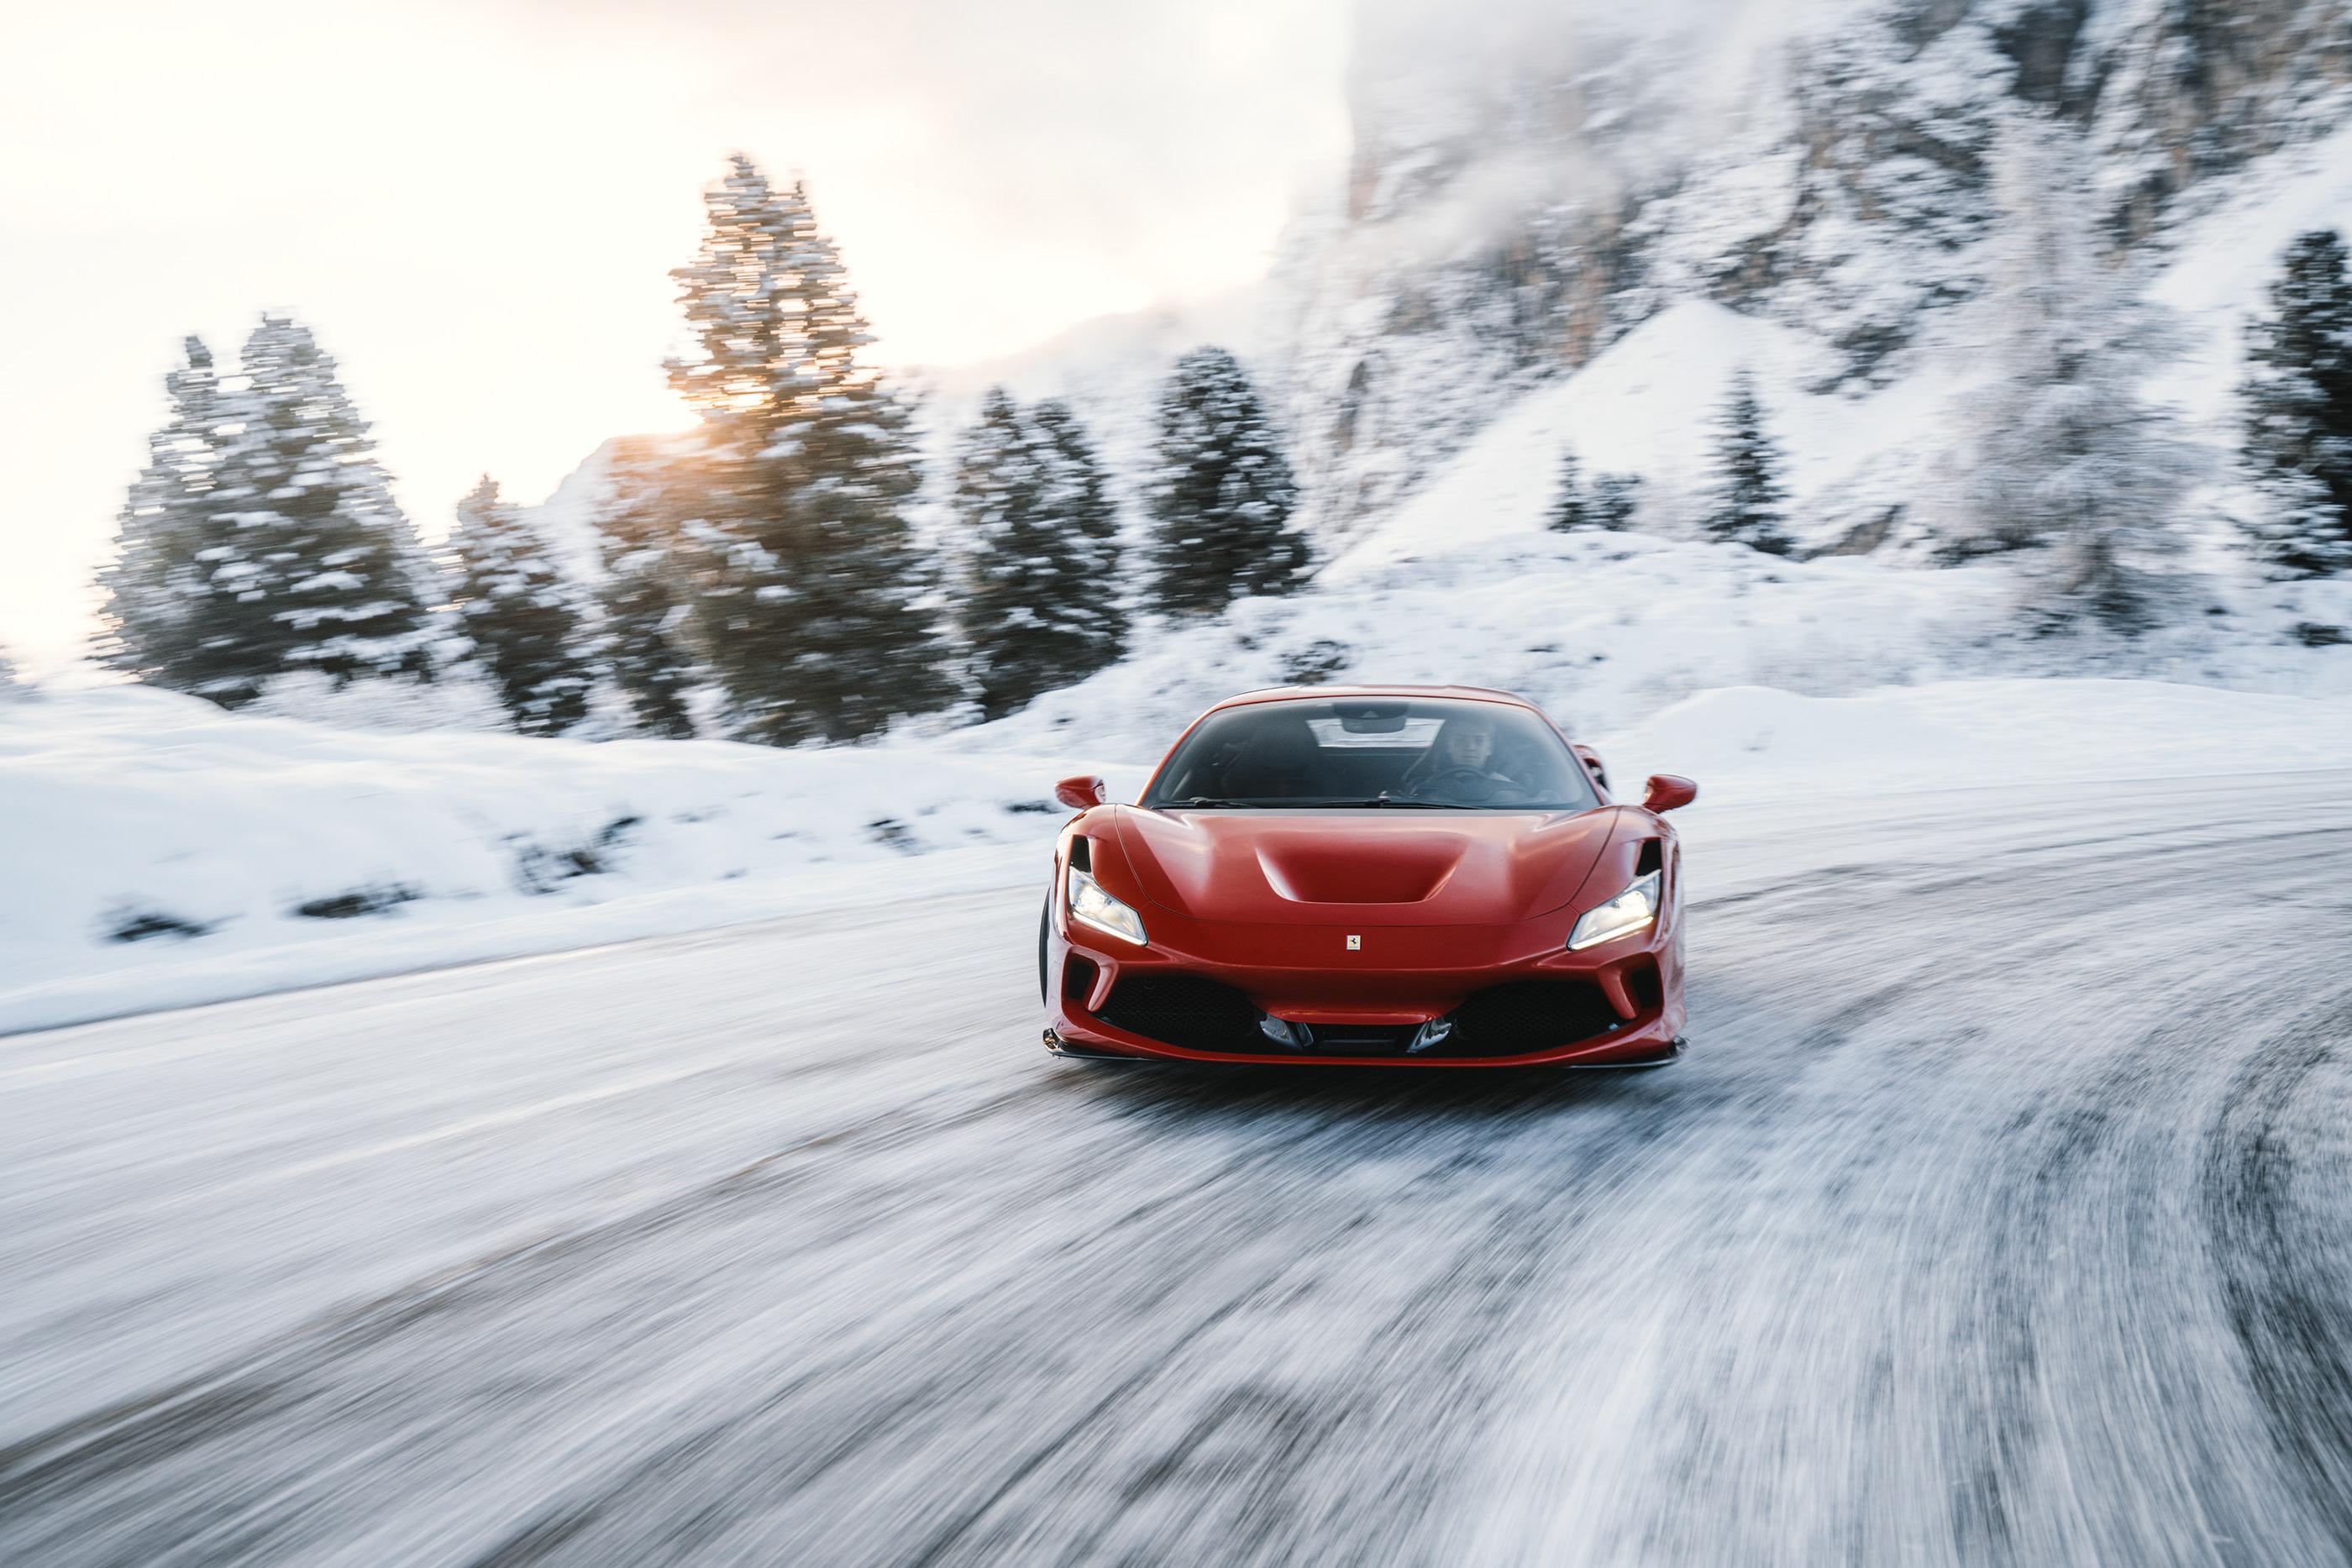 Ferrari F8 Tributo Hd Wallpaper Background Image 2800x1867 Id 1090614 Wallpaper Abyss